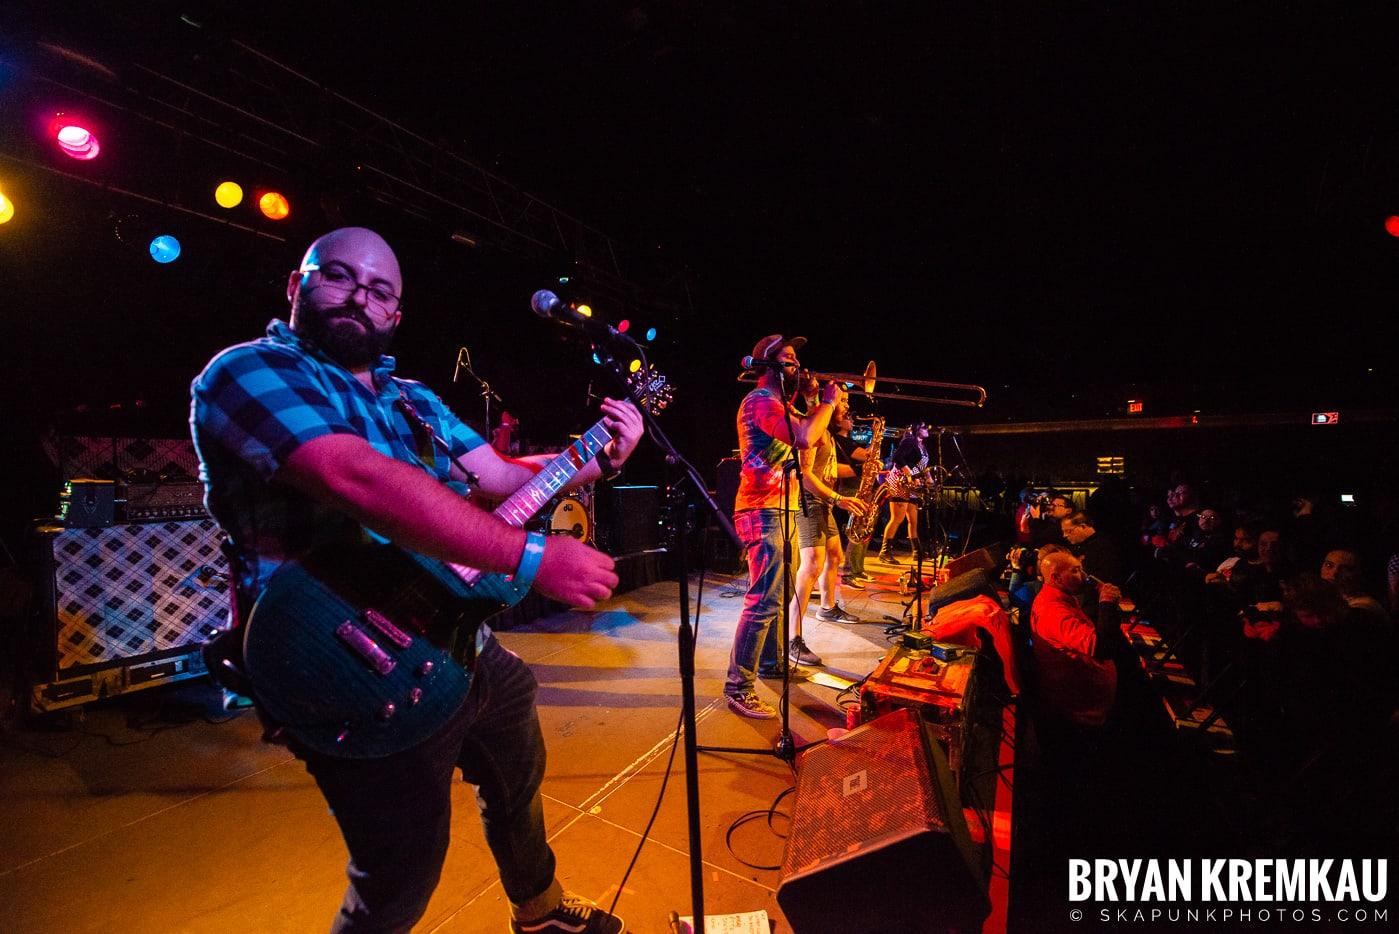 Backyard Superheroes @ Skanksgiving, Starland Ballroom, Sayreville, NJ - 11.30.19 (35)